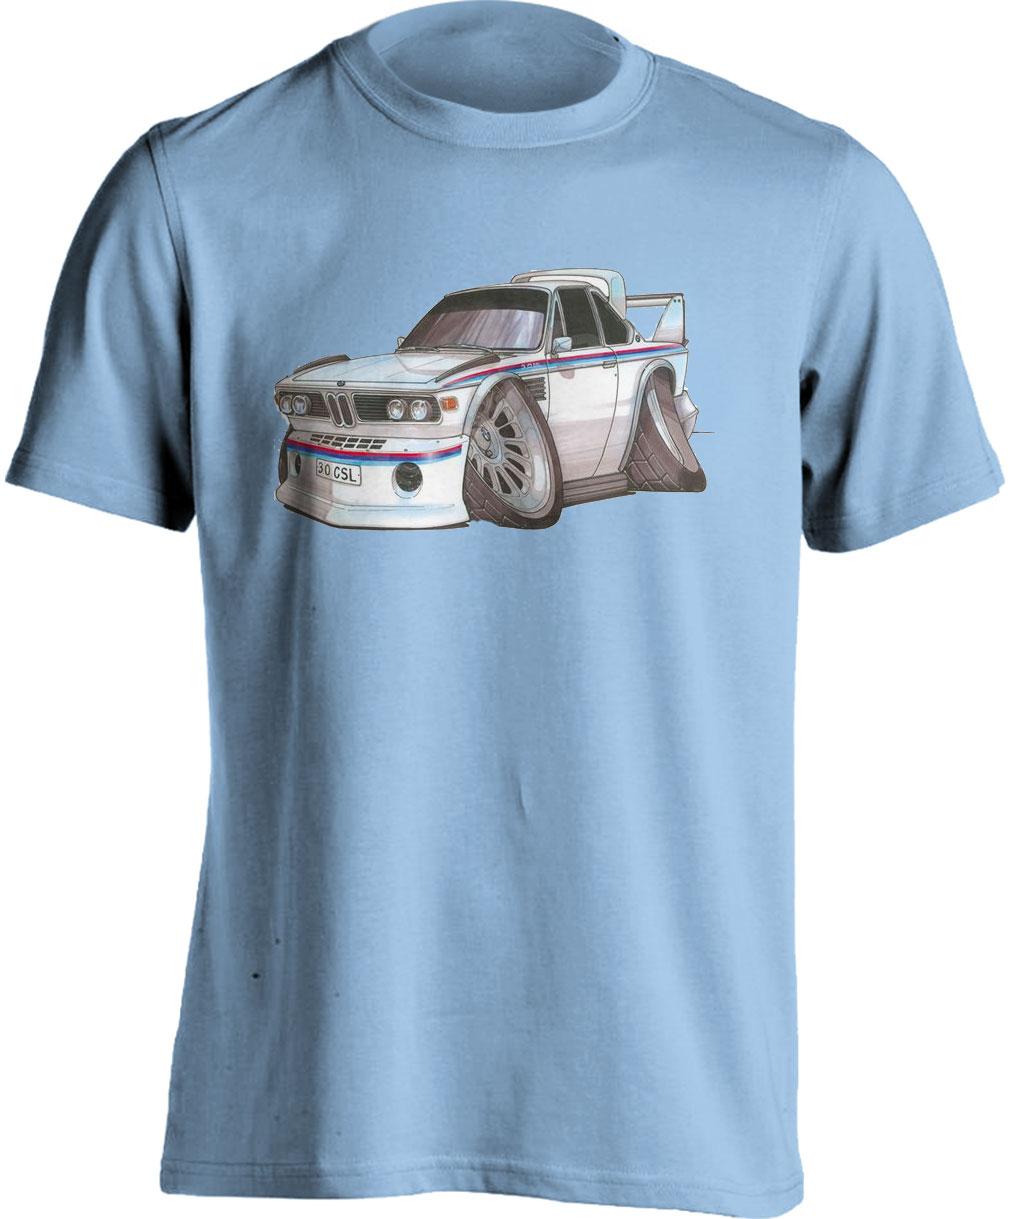 Koolart BMW 3.0 CSi White/Red&Blue Stripe – 0732 Child's T Shirt